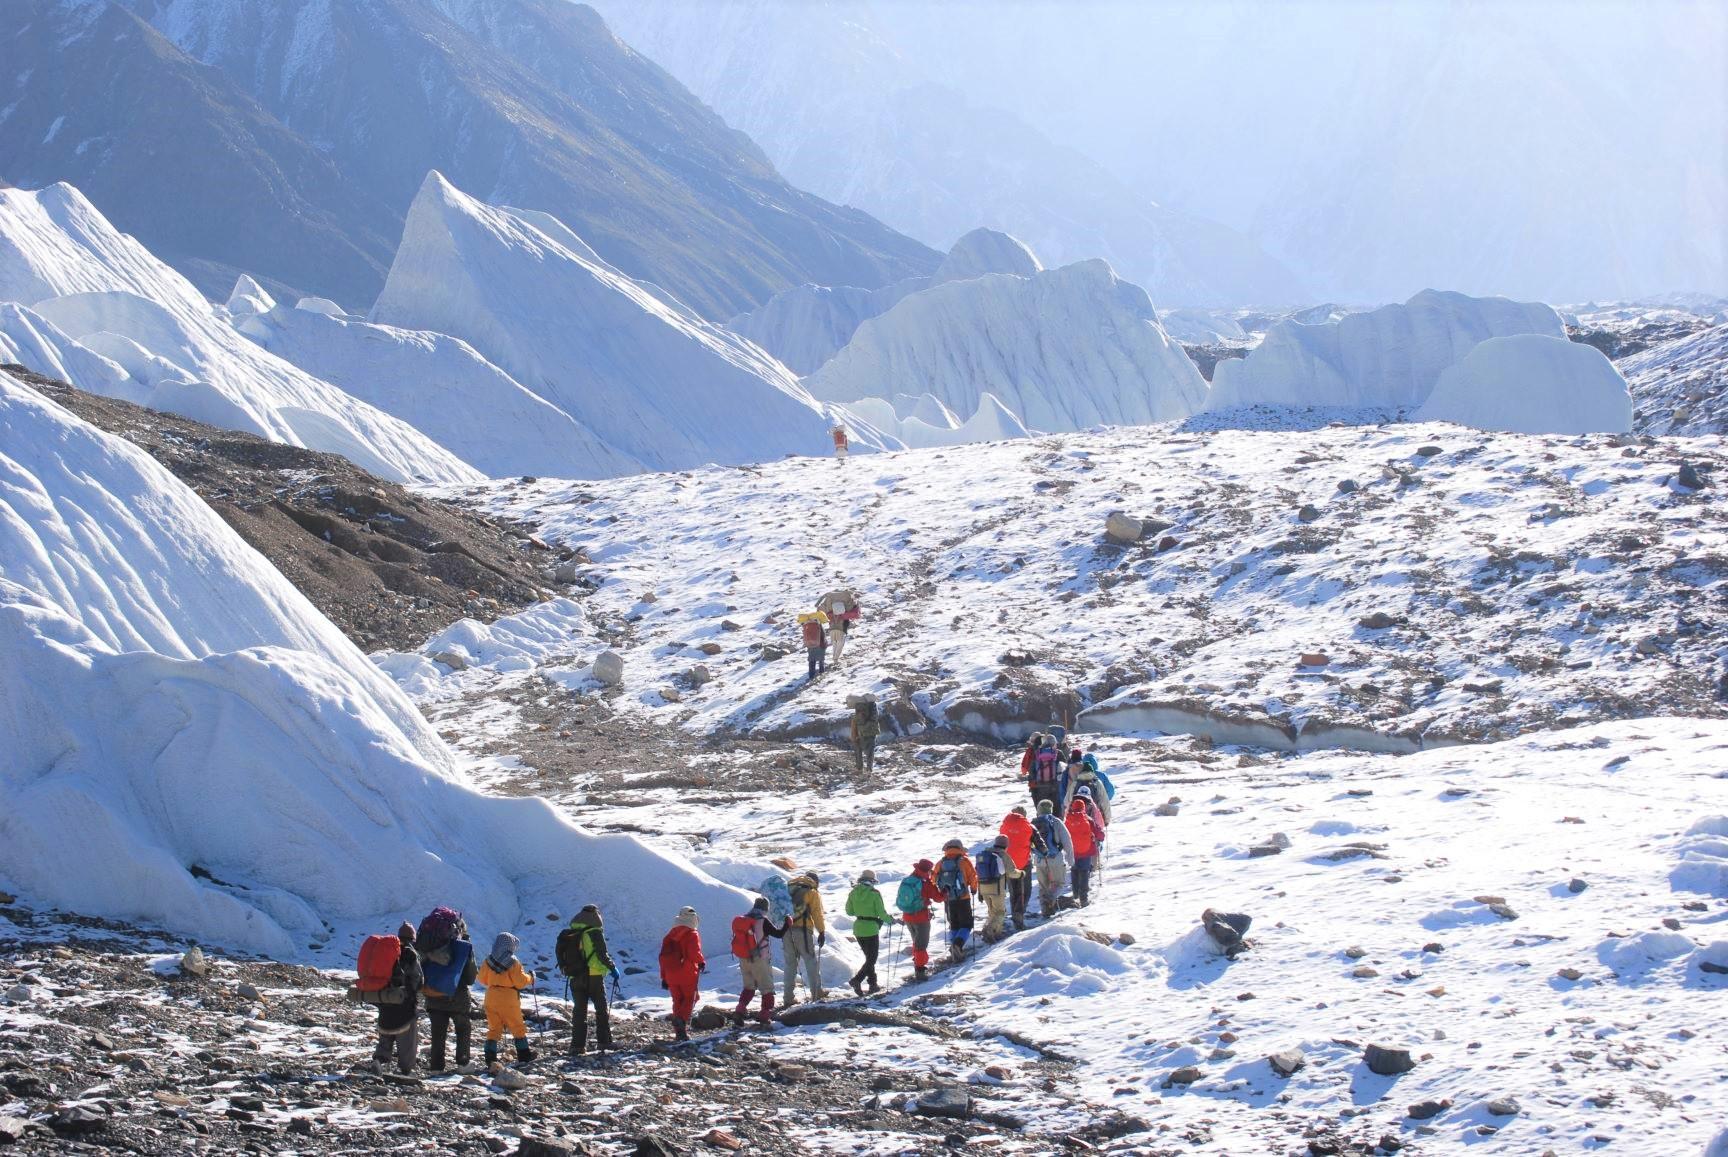 バルトロ氷河上を大きな氷塔の間を歩く